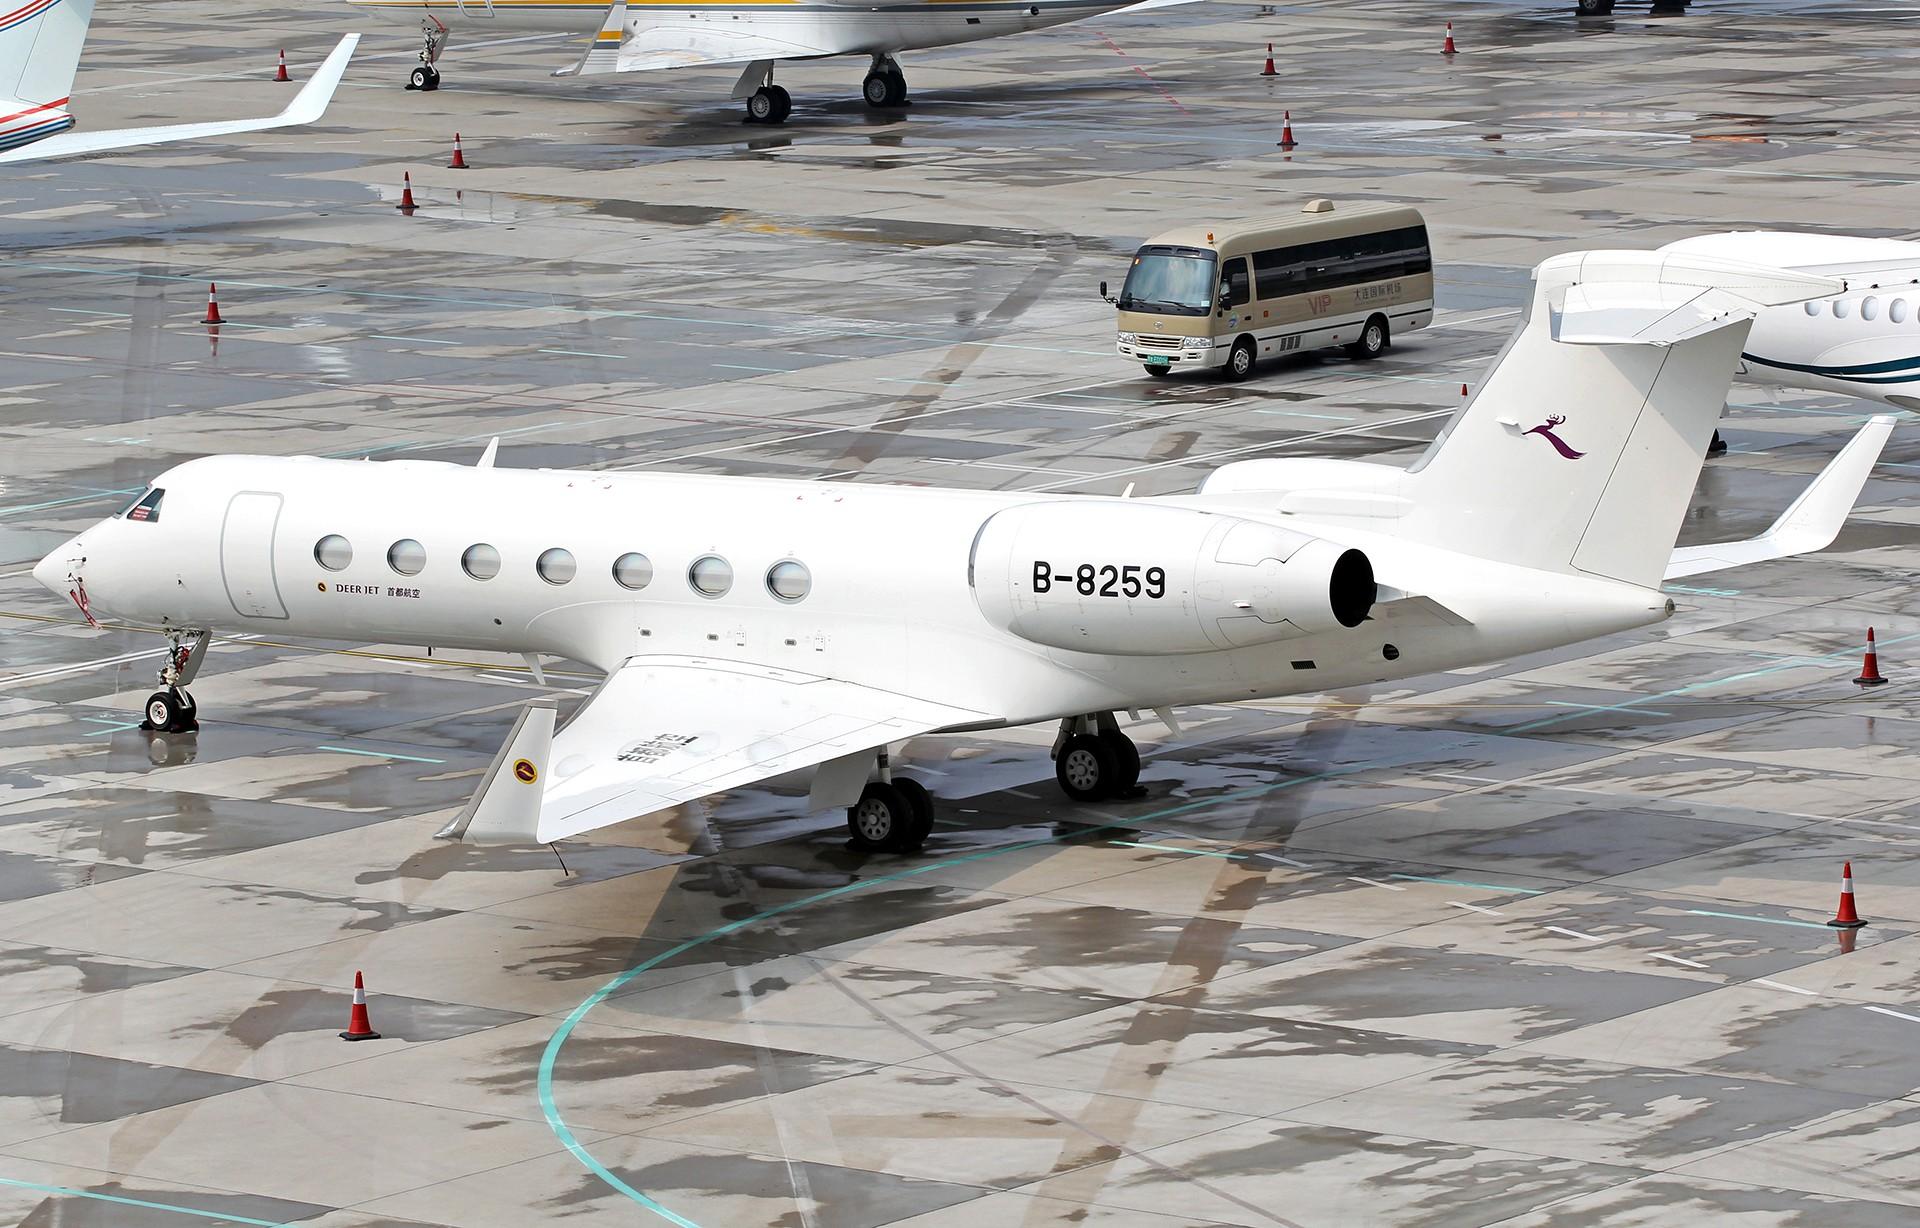 [原创][DLC]。。。达沃斯公务机。。。 GULFSTREAM G550 B-8259 中国大连国际机场